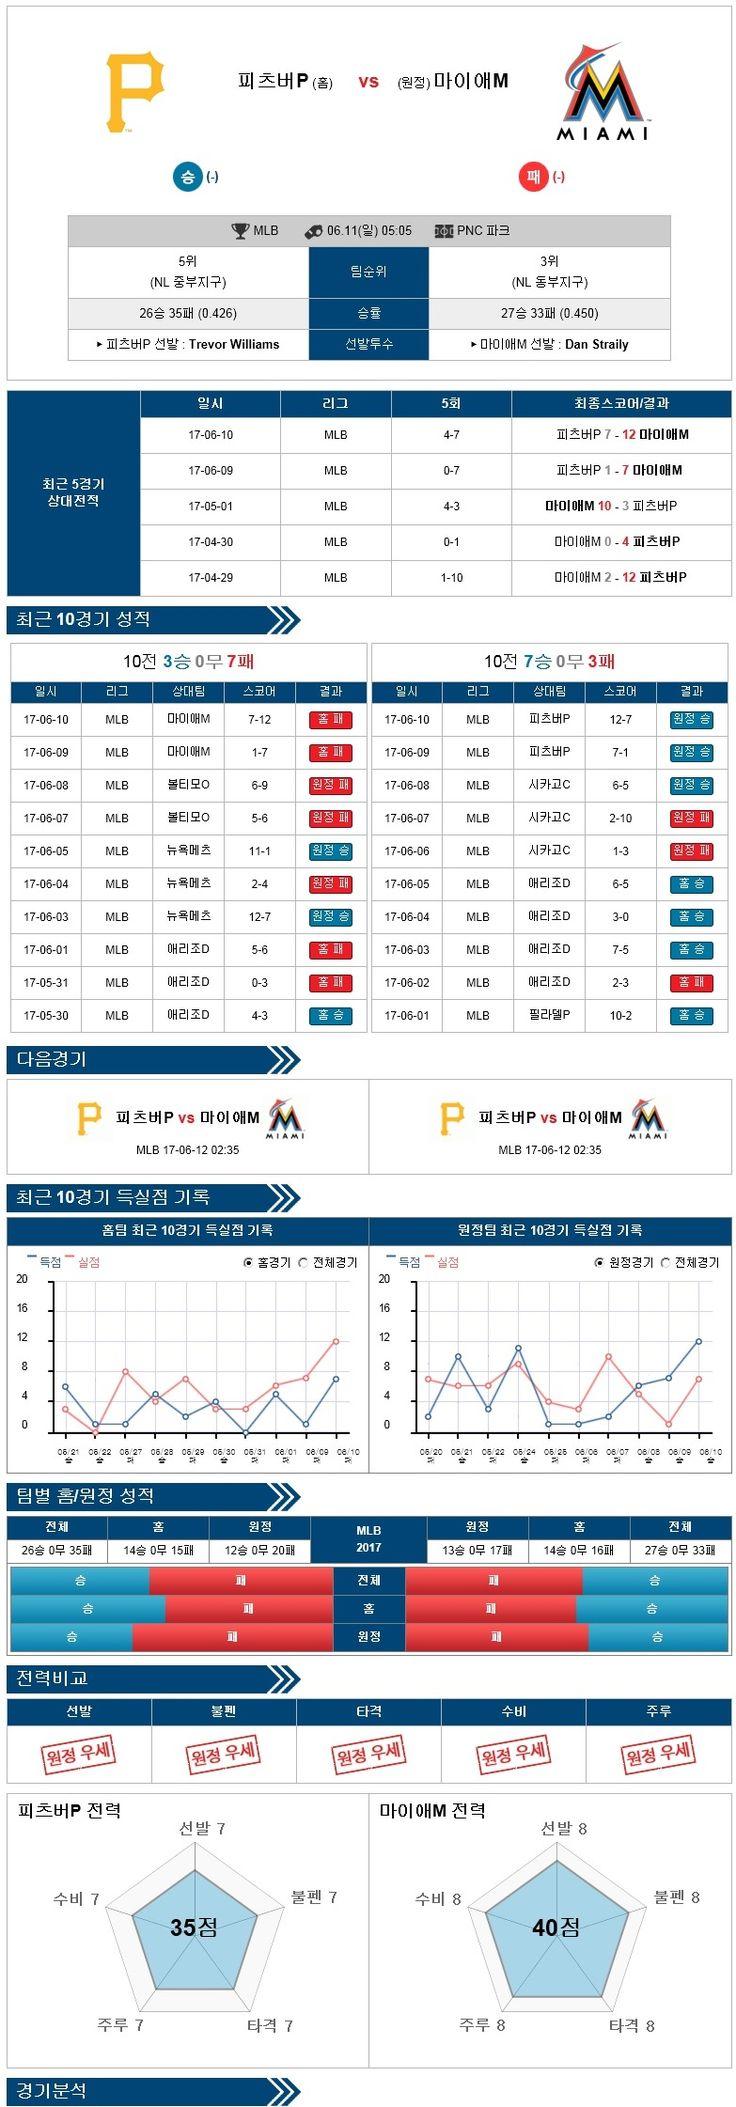 [MLB] 6월 11일 야구분석픽 피츠버그 vs 마이애미 ★토토군 분석픽★